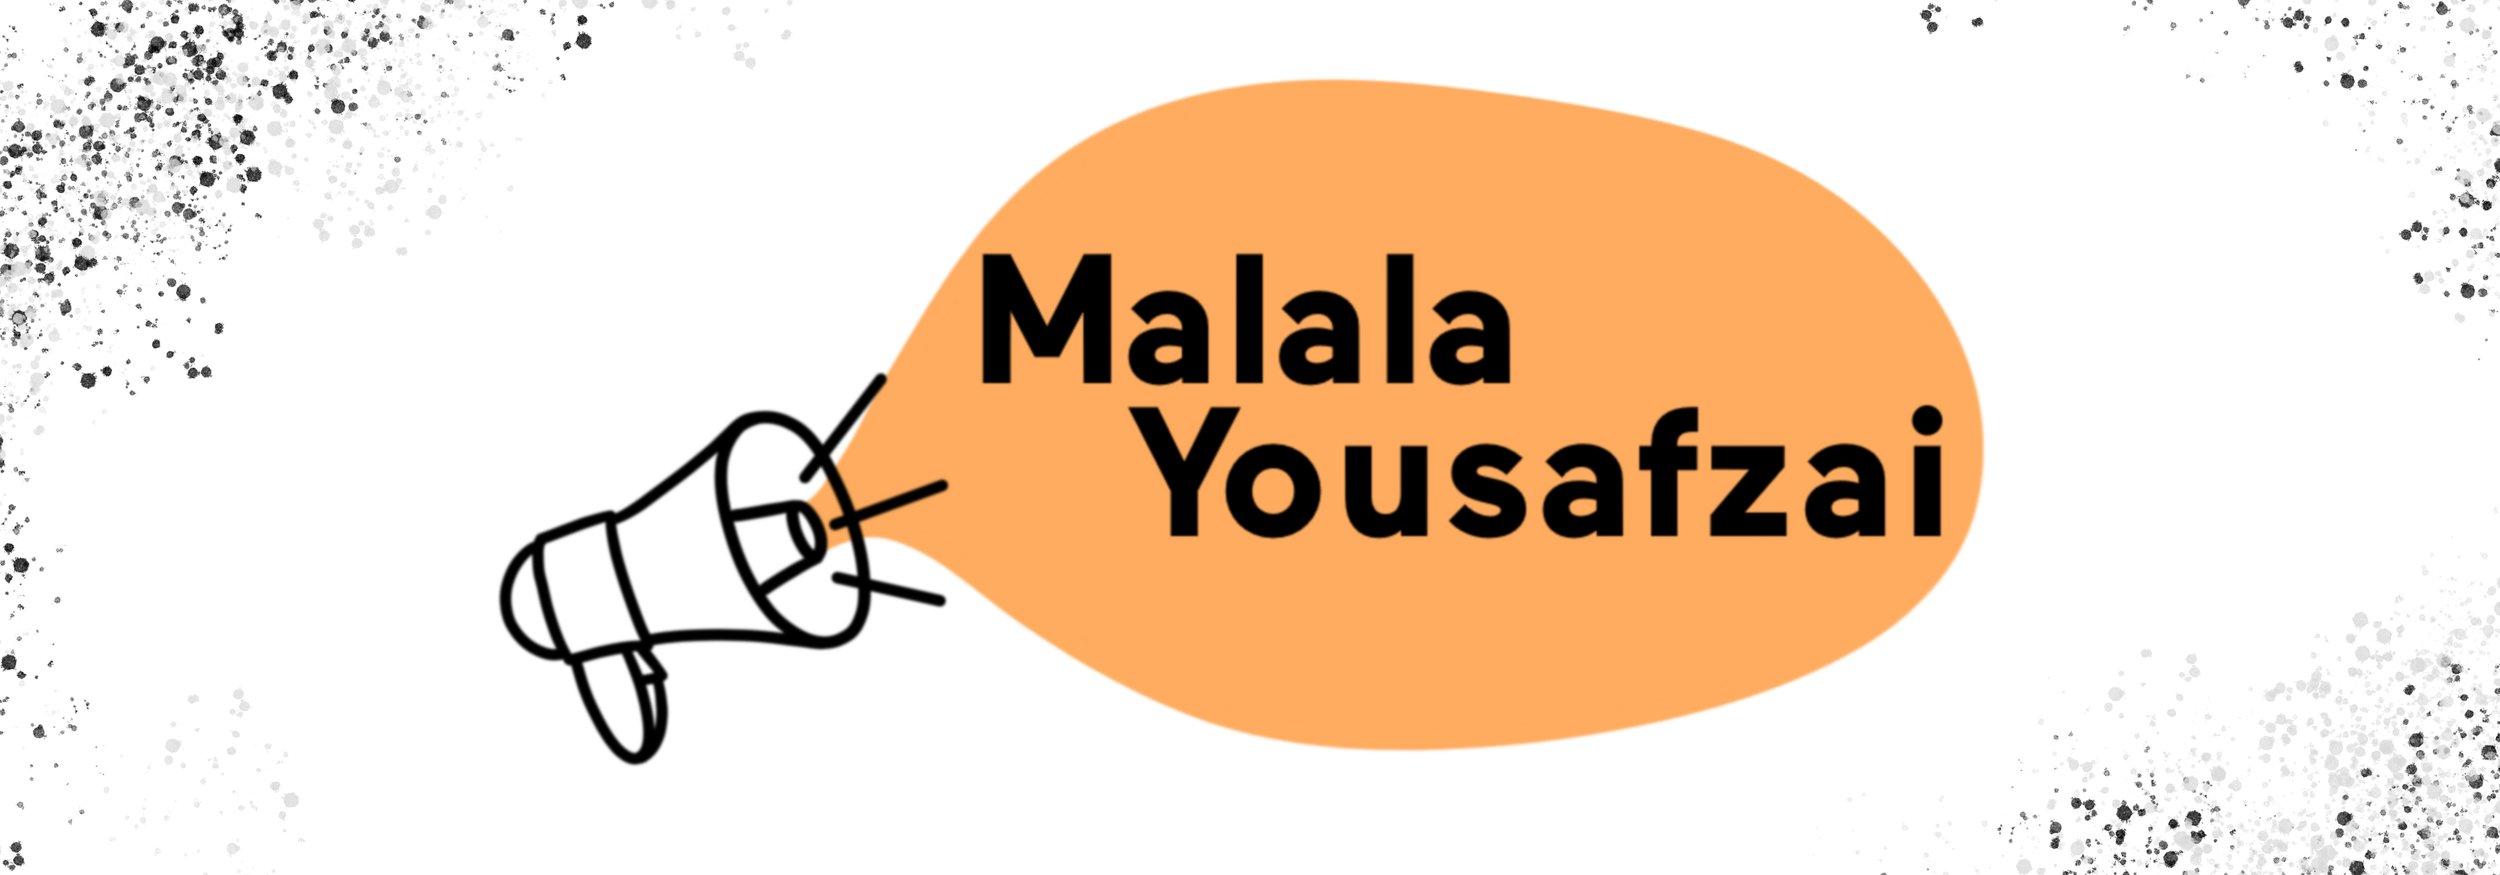 Malala_Yousafzai_Website_Banner.jpg